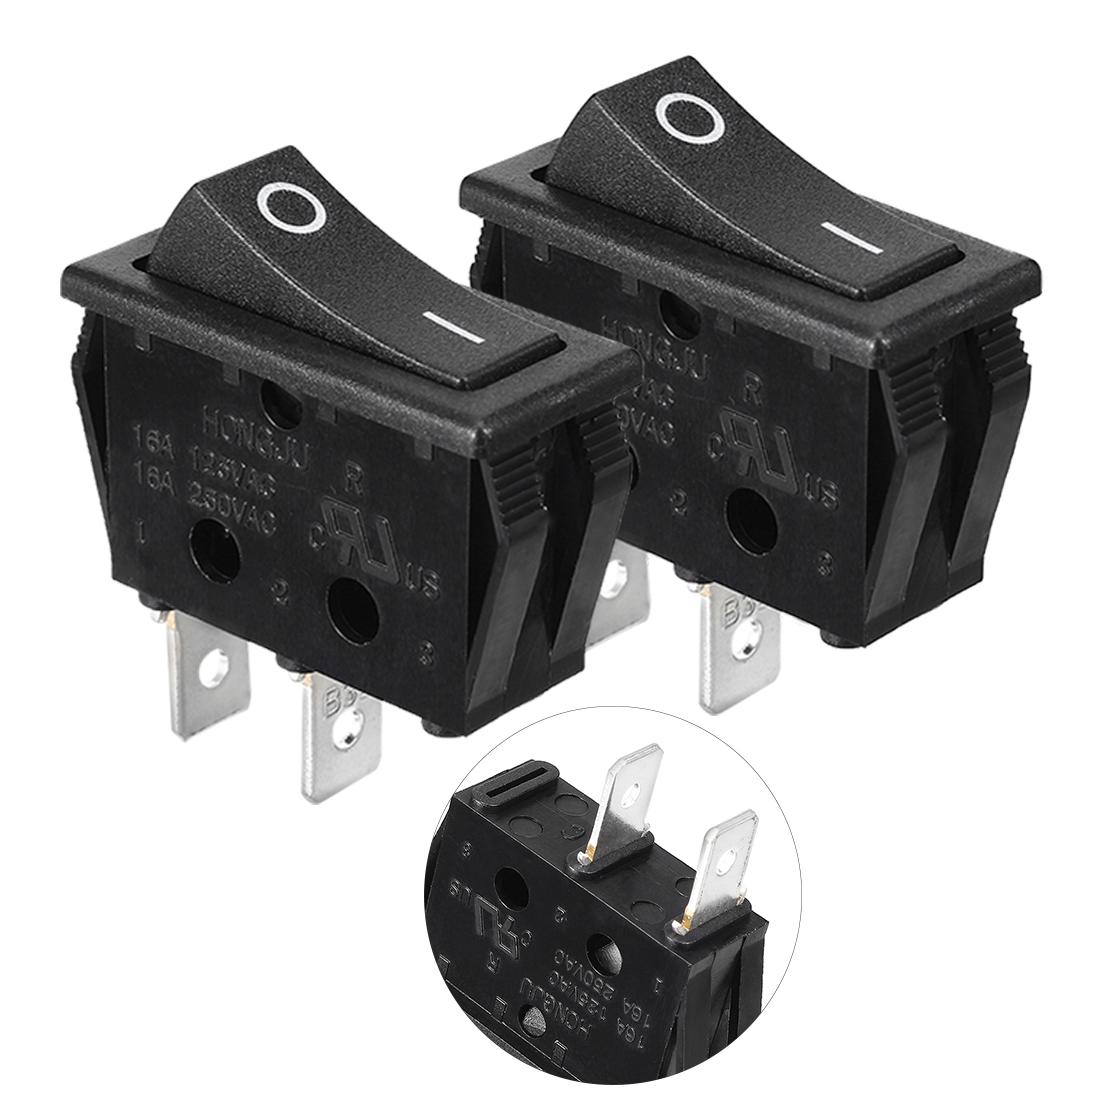 2pcs AC 16A/250V ON/OFF SPST 2P Snap in Rocker Switch Black